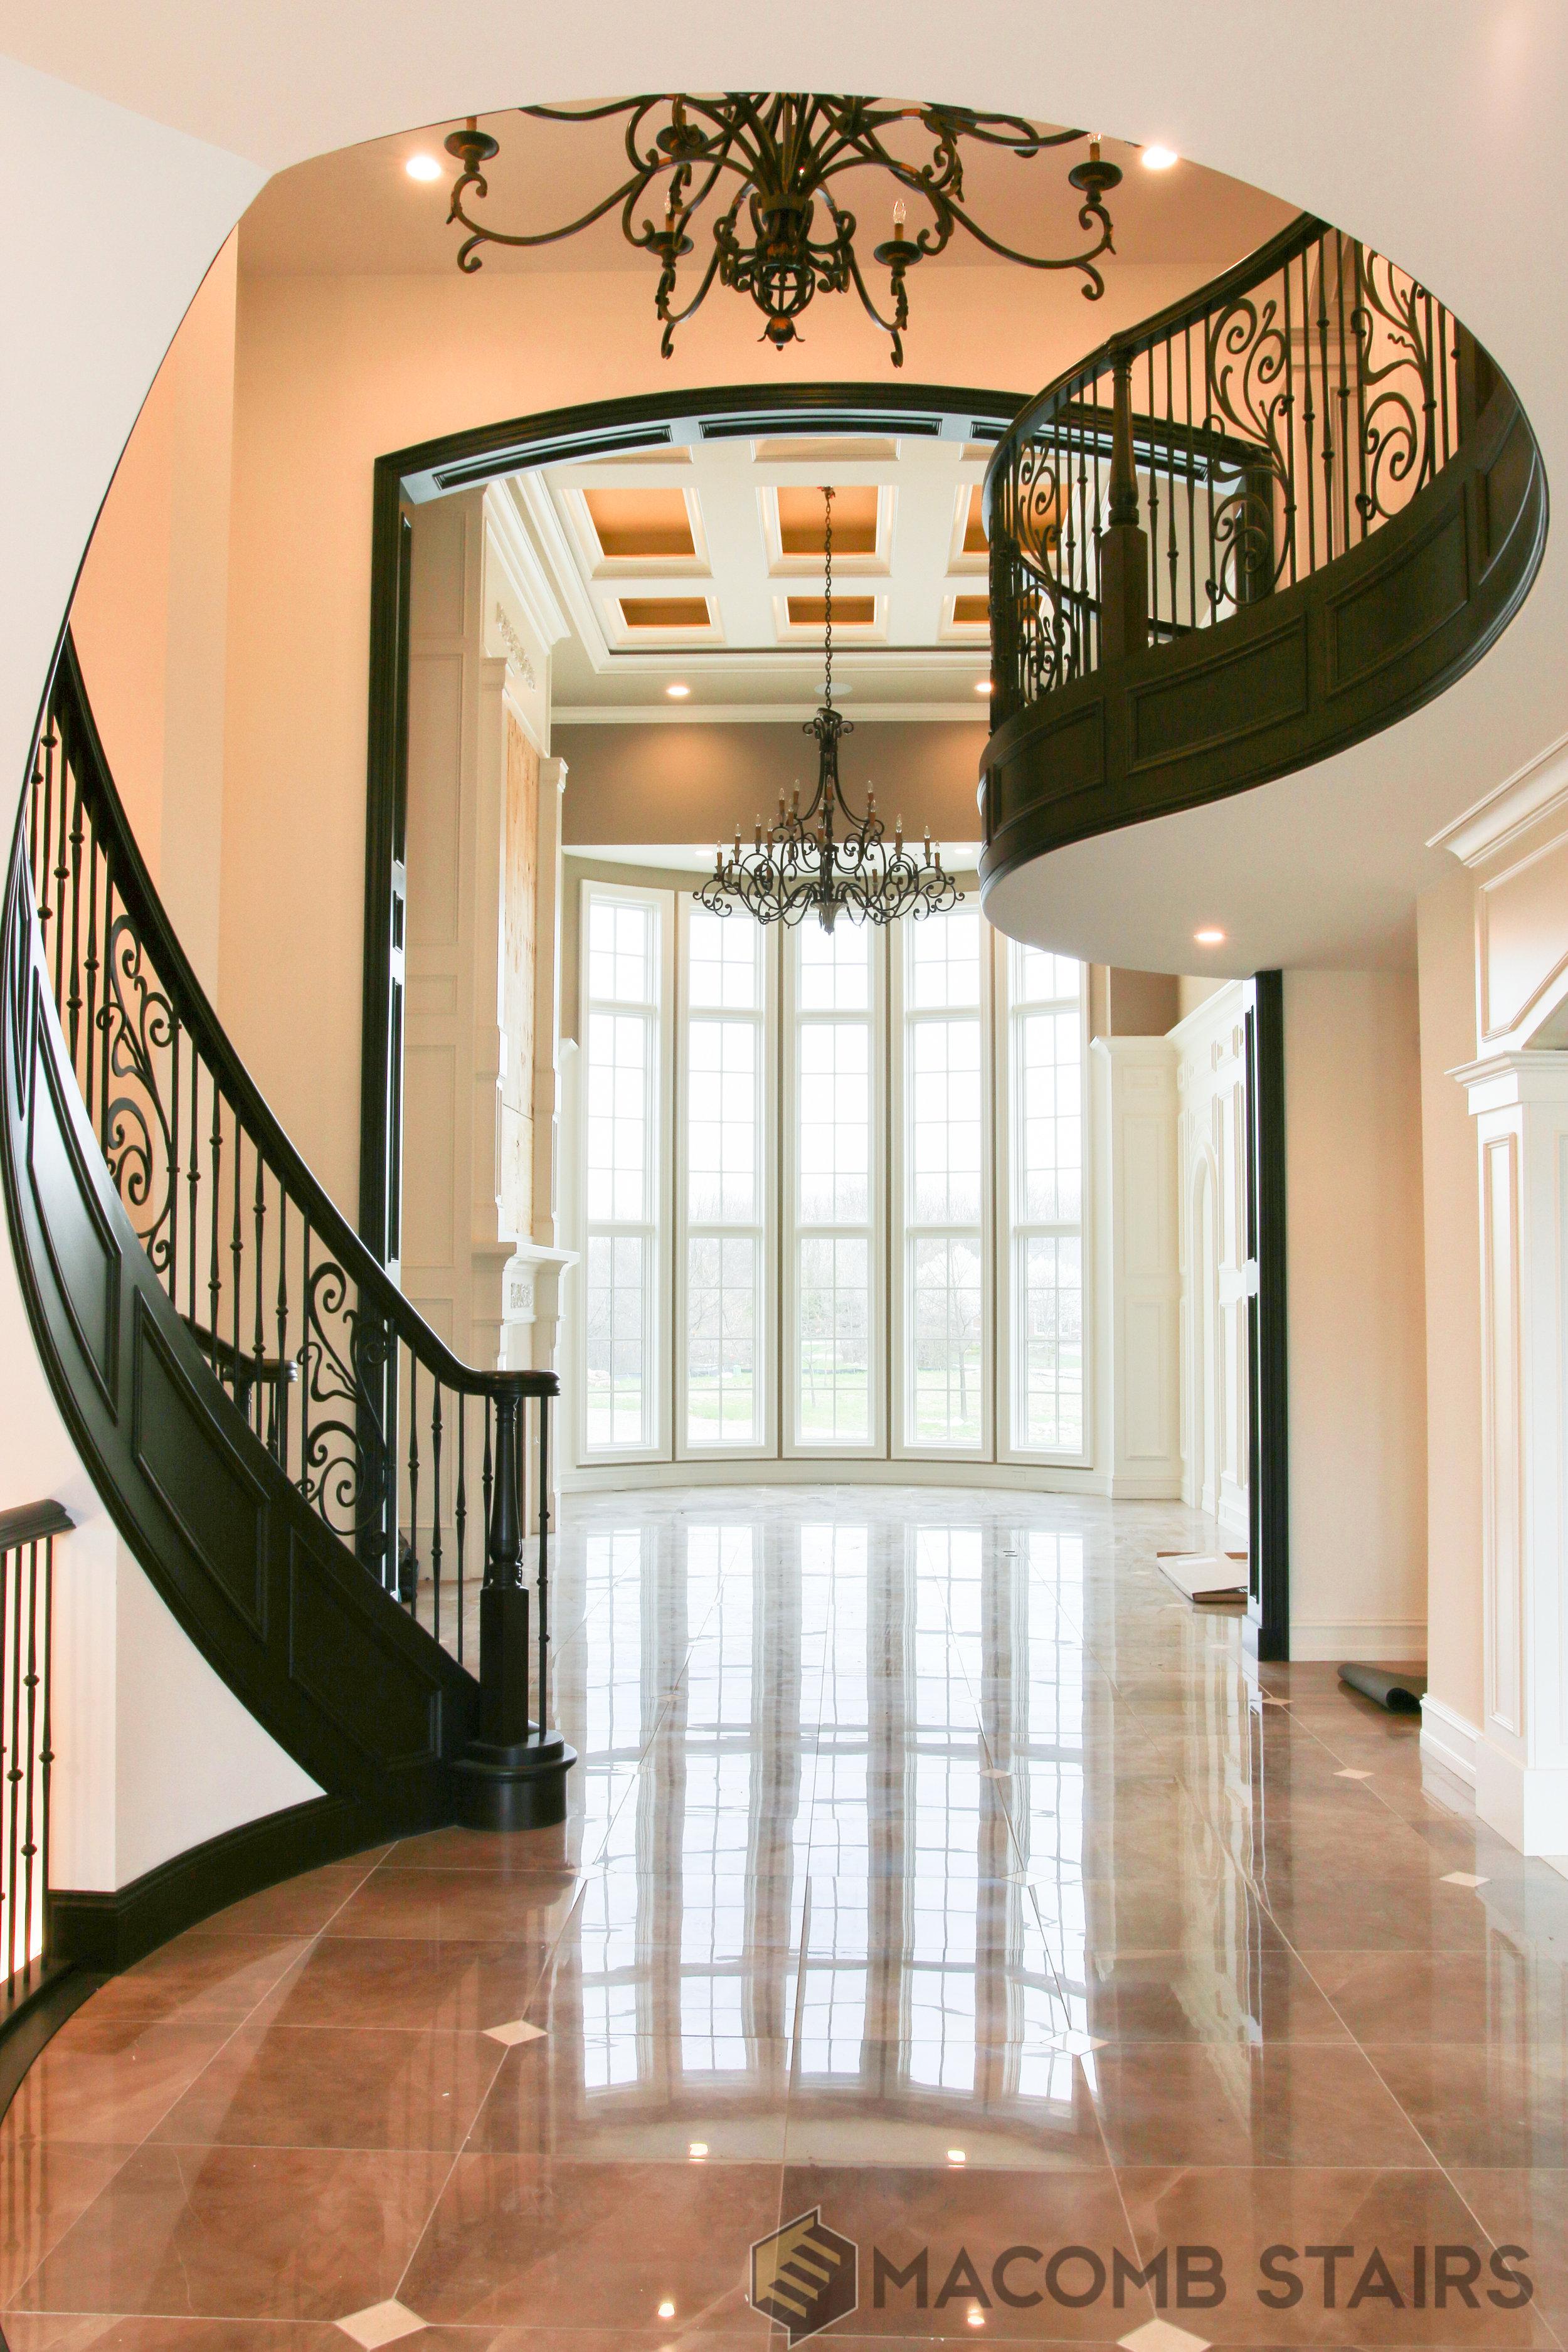 Macimb Stairs- Stair Photo-4-2.jpg